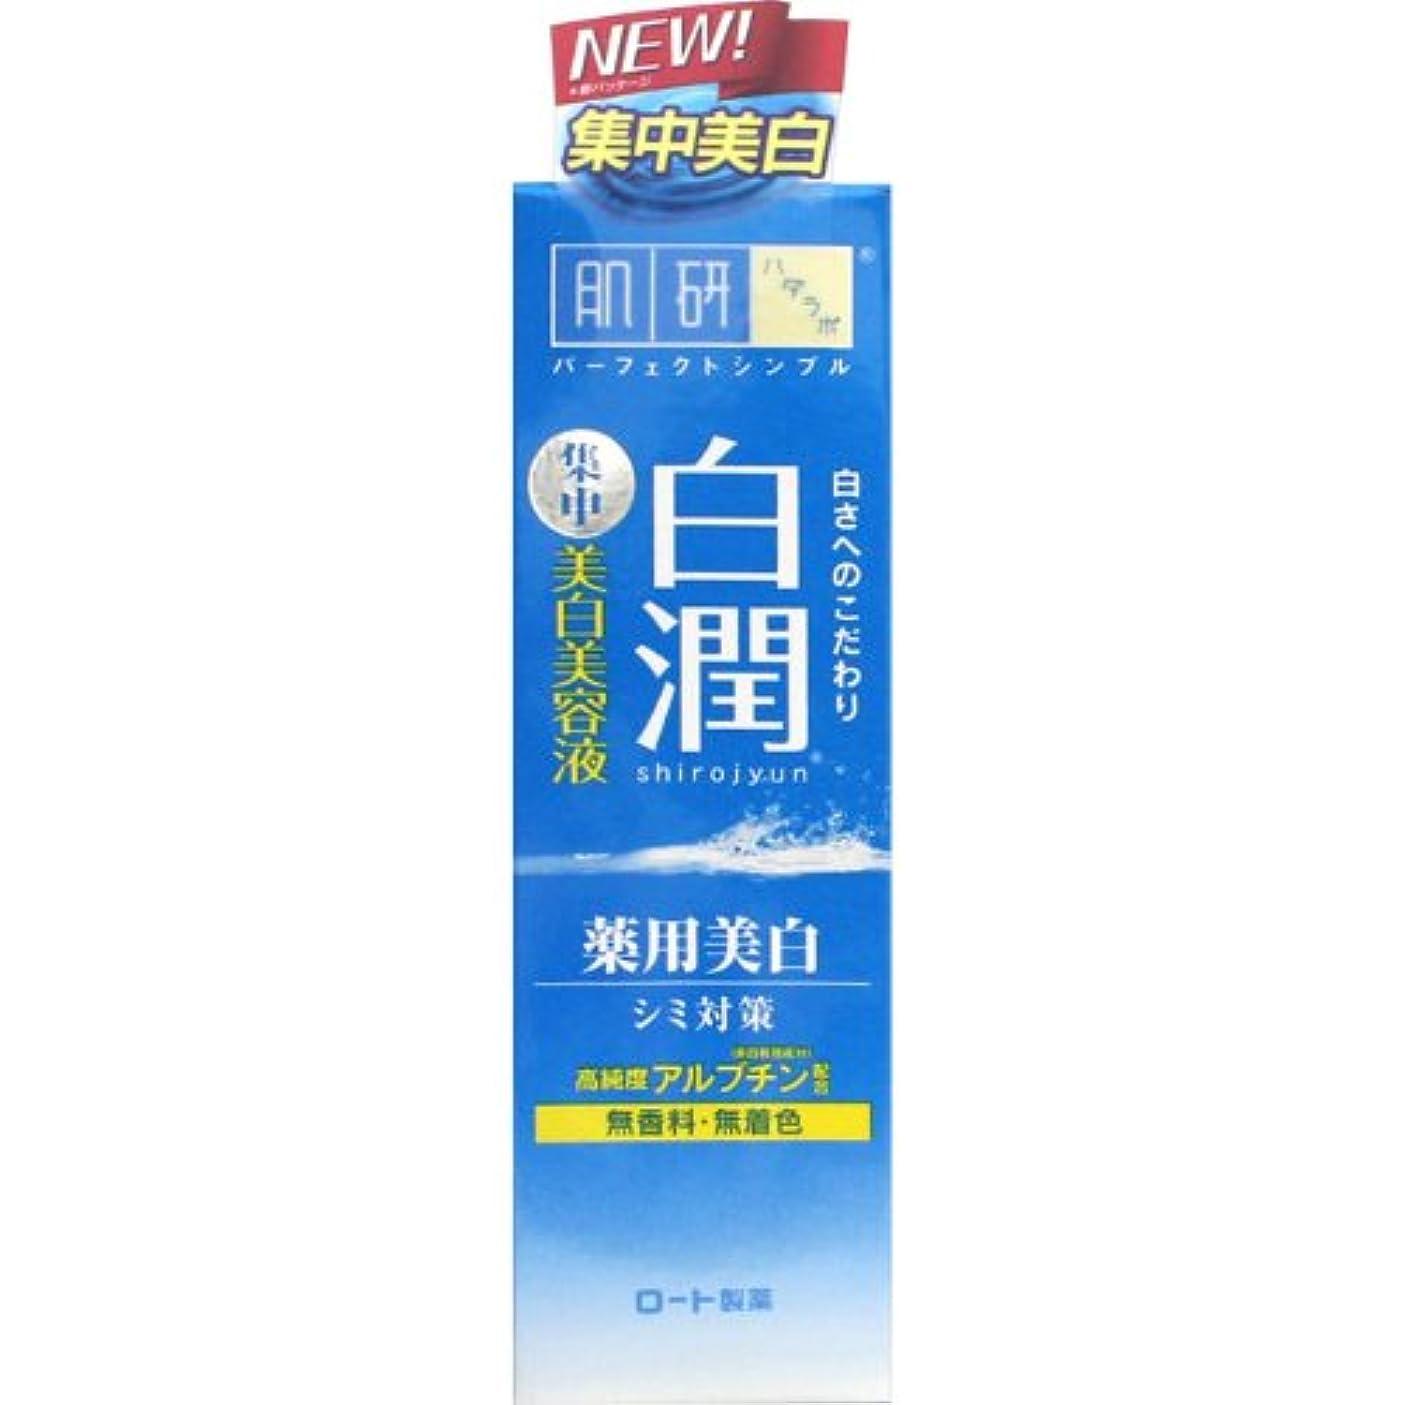 破壊する代数的蚊【医薬部外品】肌研(ハダラボ) 白潤 薬用美白美容液 30g